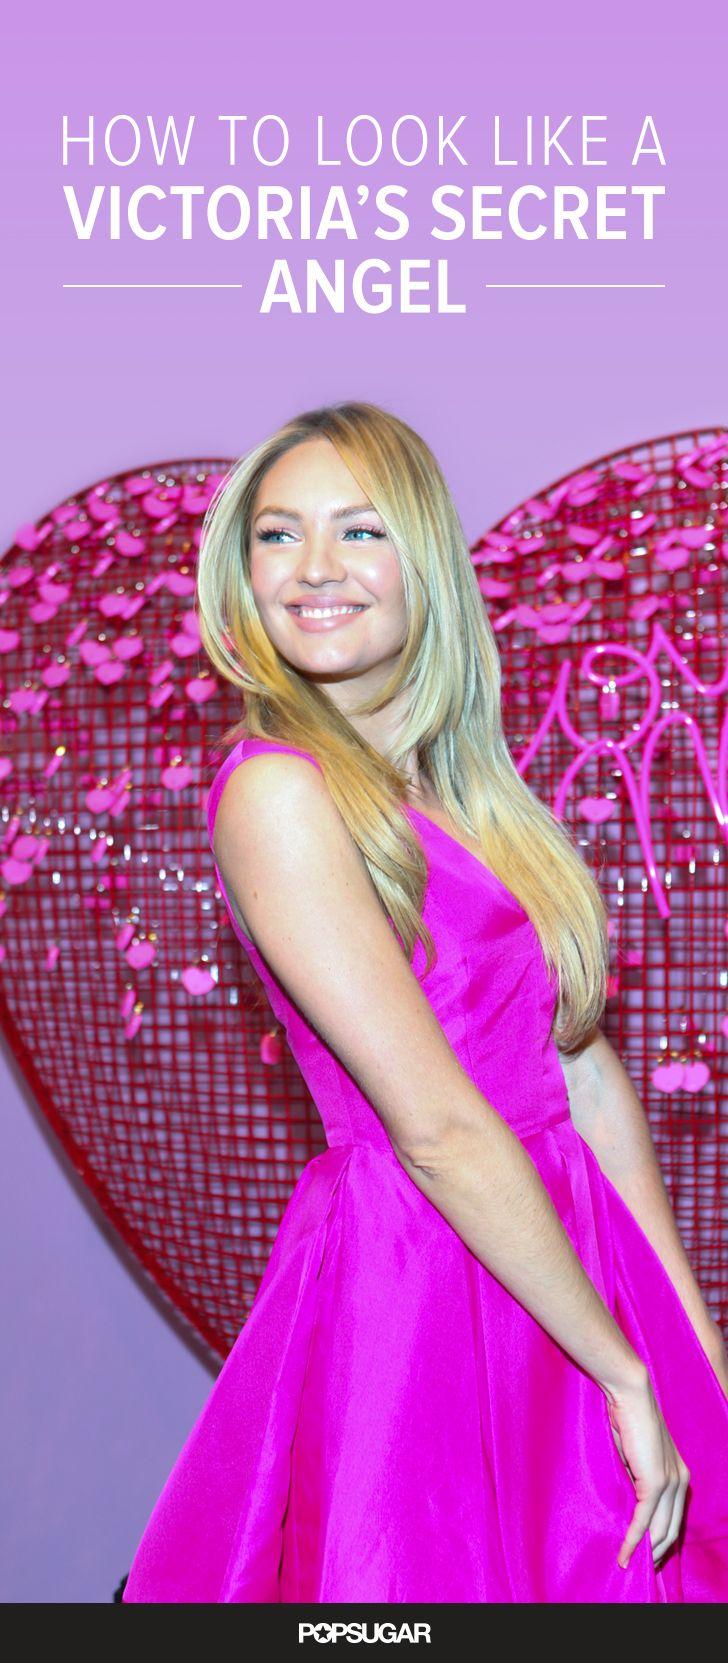 Wie man wie ein Victoria's Secret Angel aussieht (kein Entsaften notwendig)   – Celebrity Style